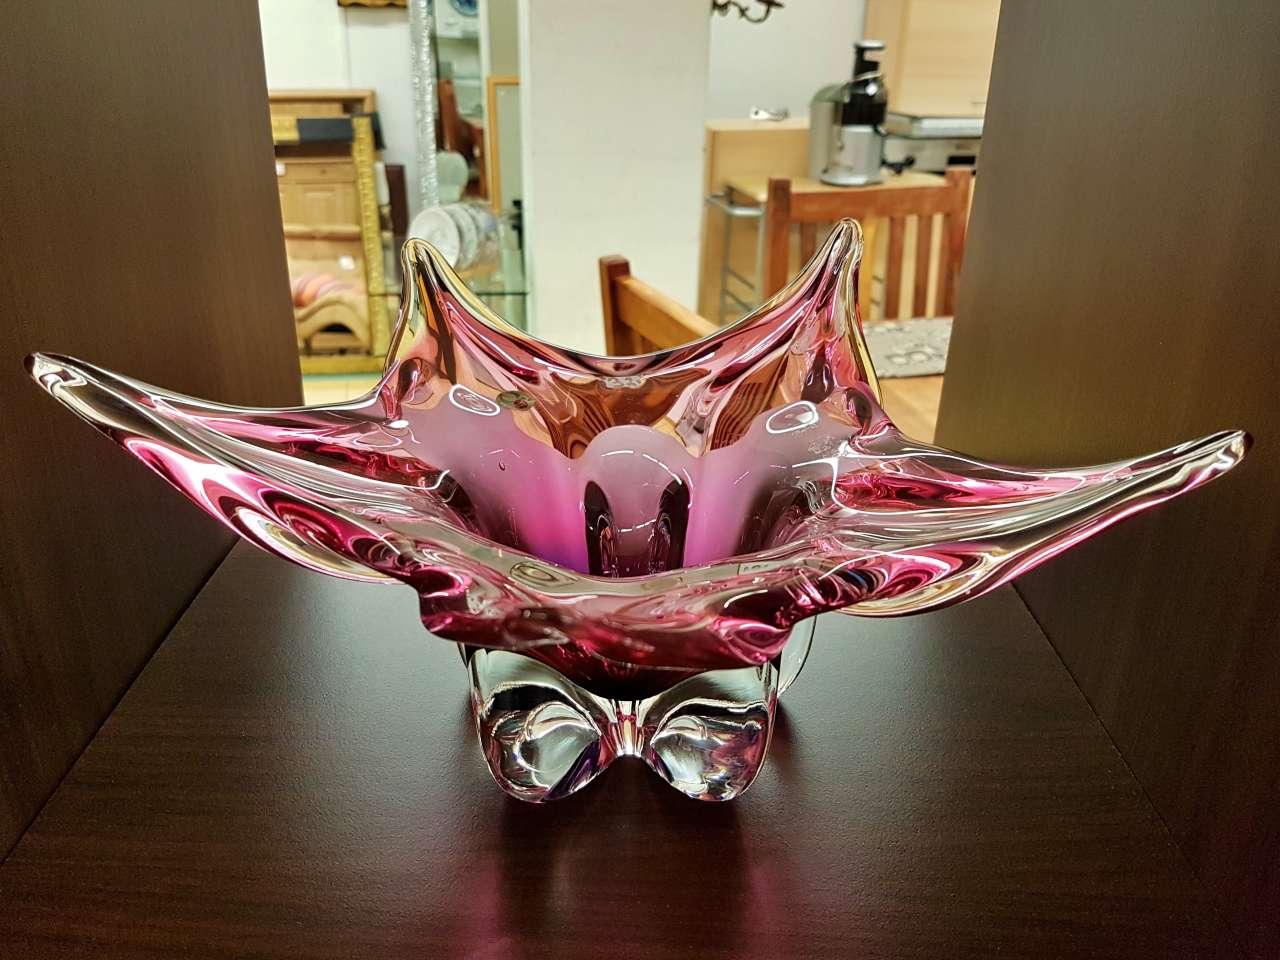 Dekoration schöner Wohnen Obstschale aus Glas im Murano-Stil